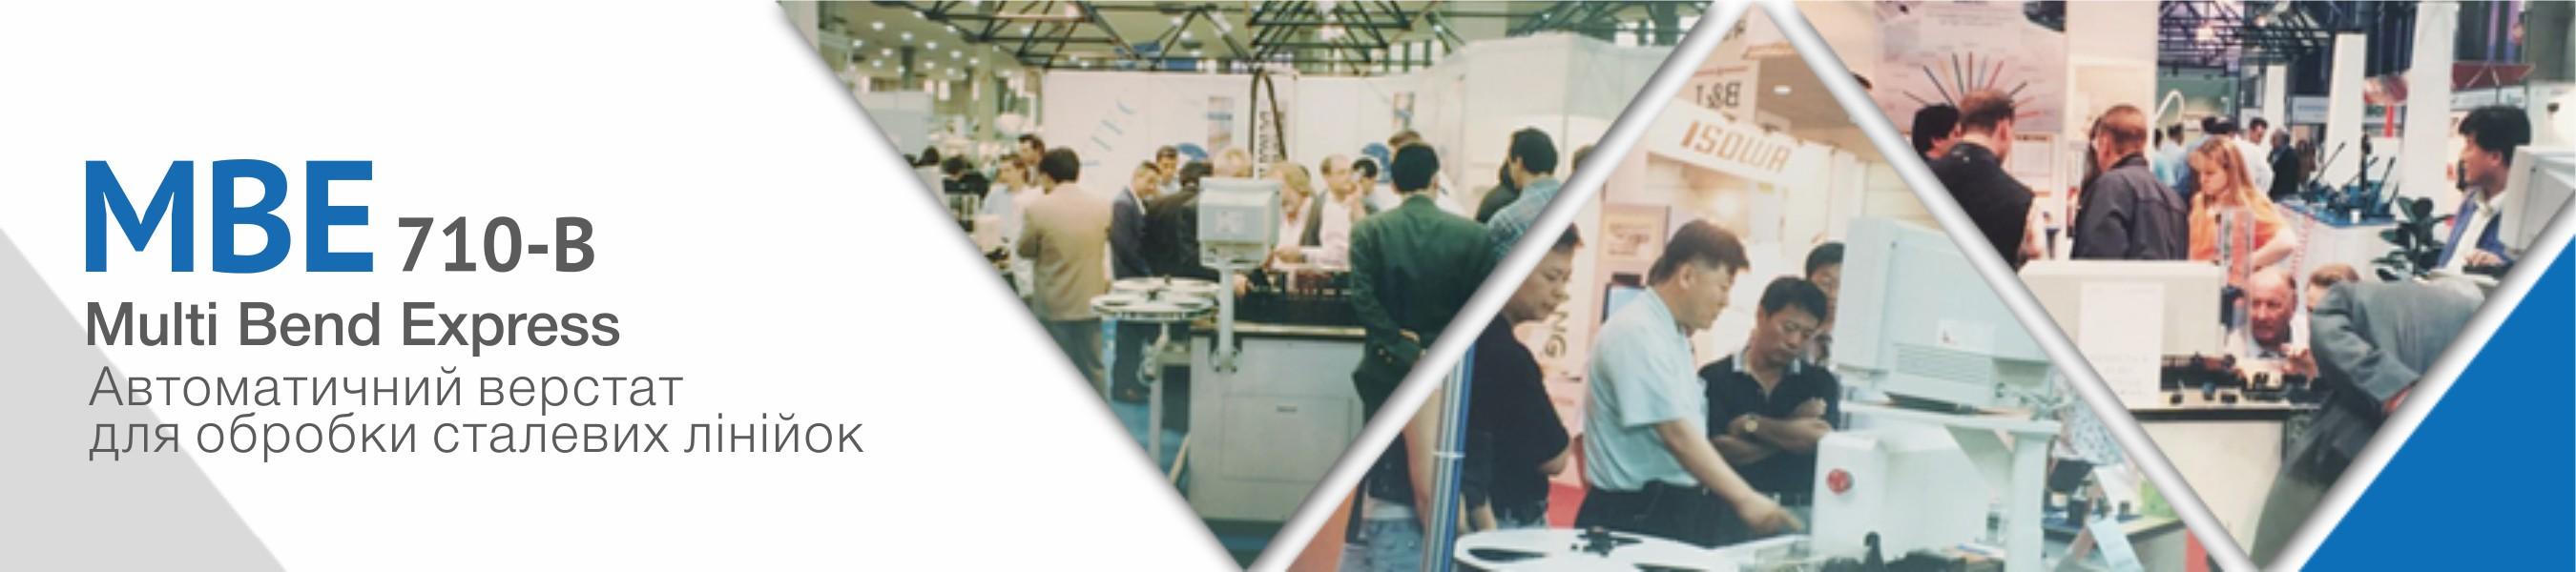 Автоматичний верстат MBE710-b